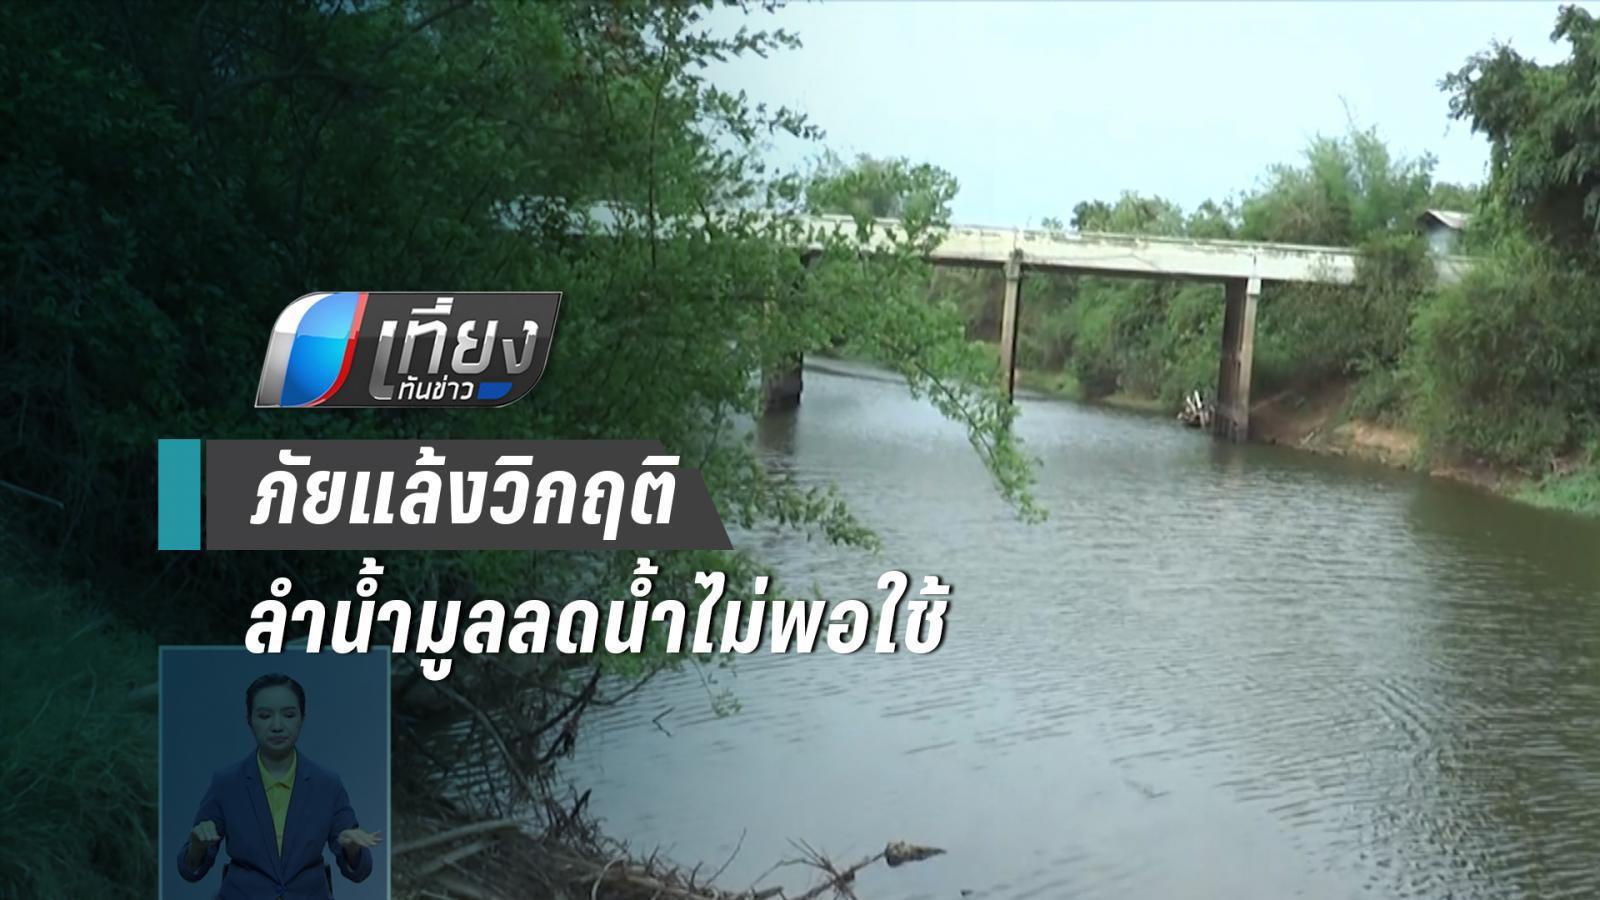 ชาวบ้านเดือดร้อนภัยแล้งวิกฤติลำน้ำมูลลดไม่พอใช้